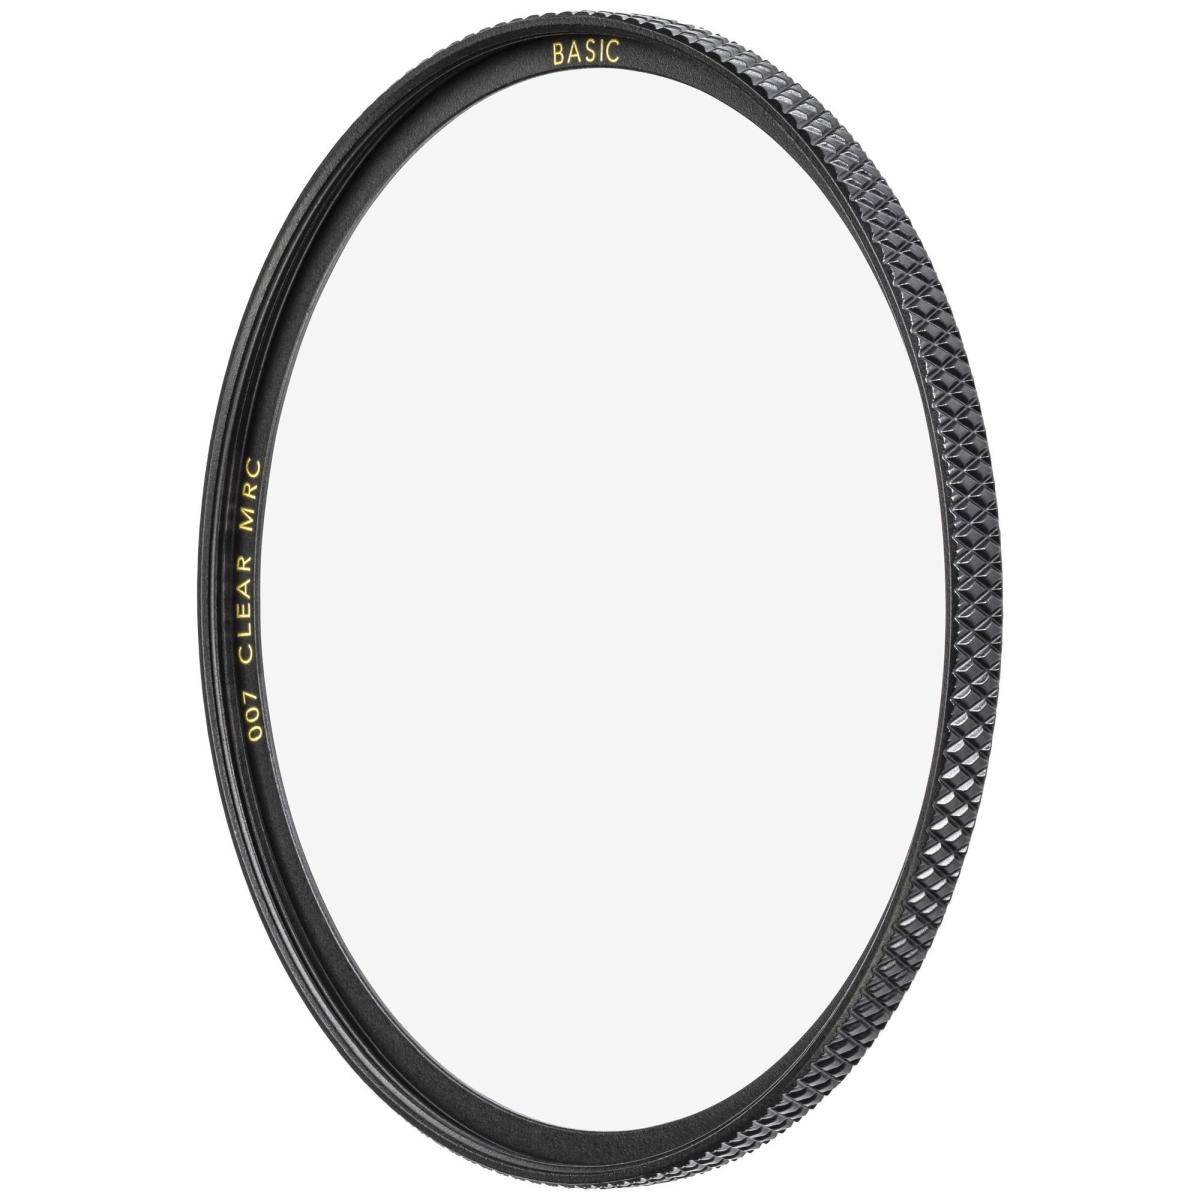 B+W Clear Filter 105 mm MRC Basic